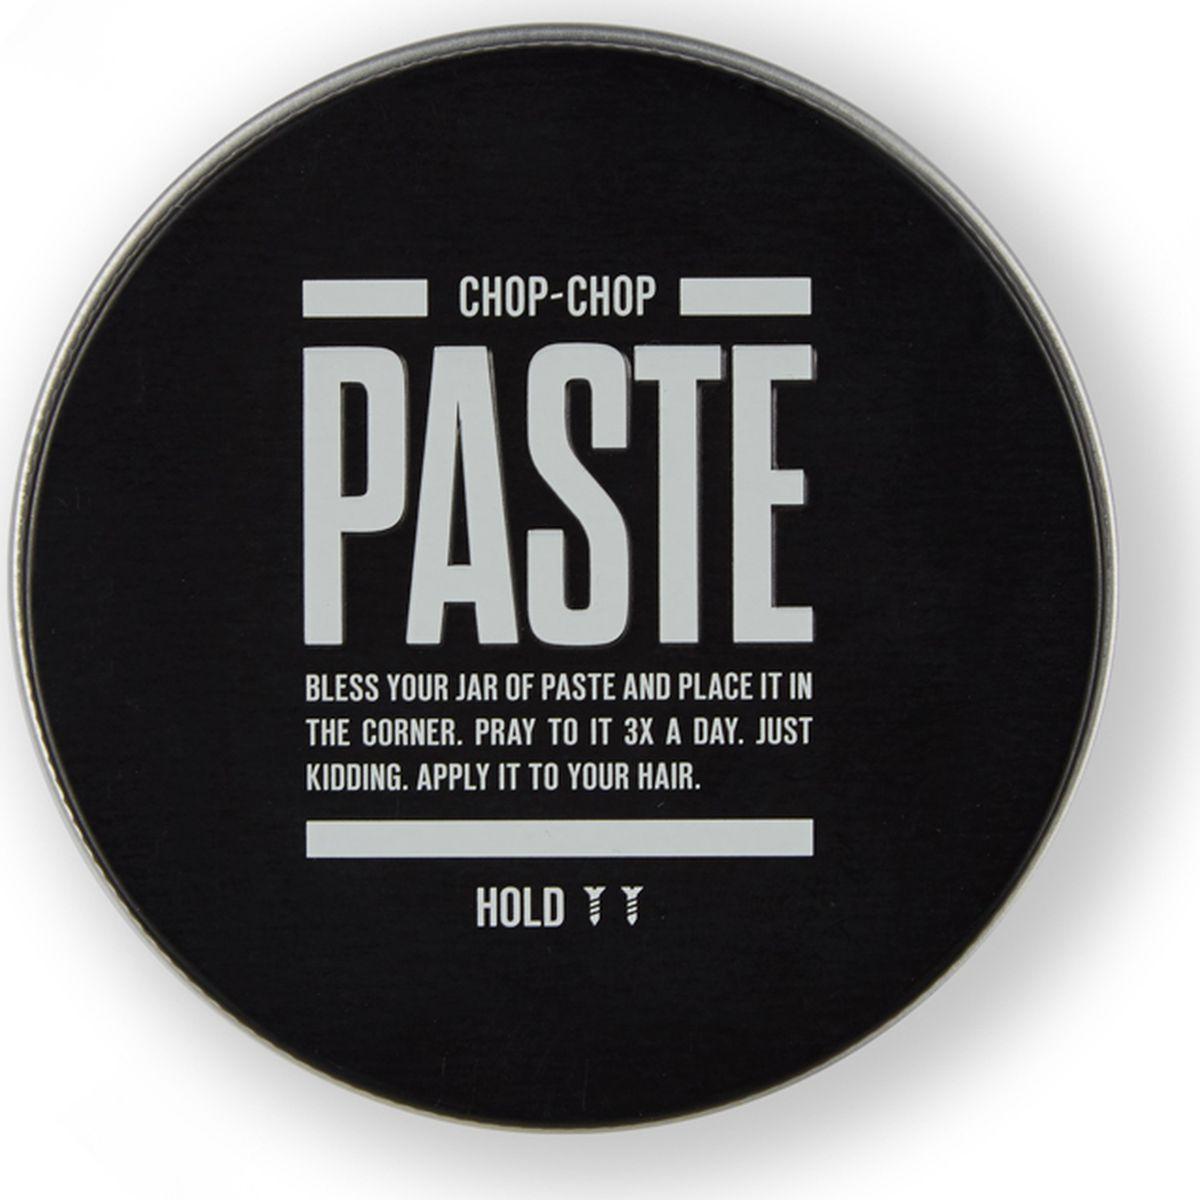 Chop-Chop Паста для волос, 100 млMP59.4DФирменное матовое средство для укладки волос с тонким ароматом грейпфрута. Мягкая и деликатная, но в то же время уверенная фиксация. Подходит как для коротких, так и для длинных волос. Основа: водная Фиксация: 2/3 Текстура: матовый эффект Объем: 100 мл